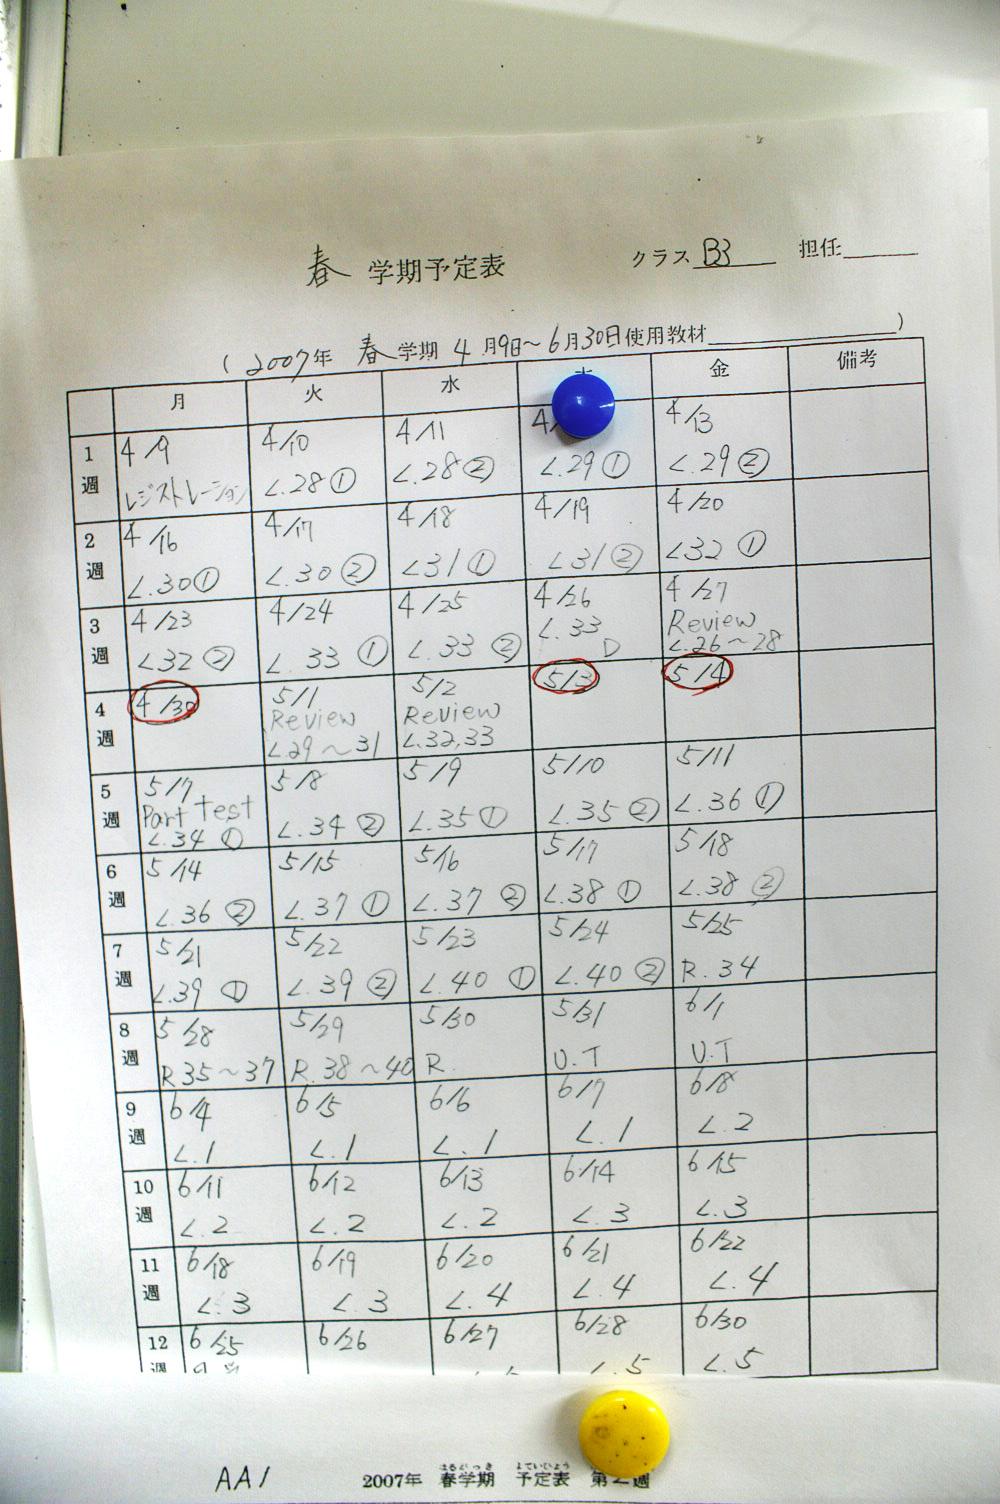 Schedule Naganuma